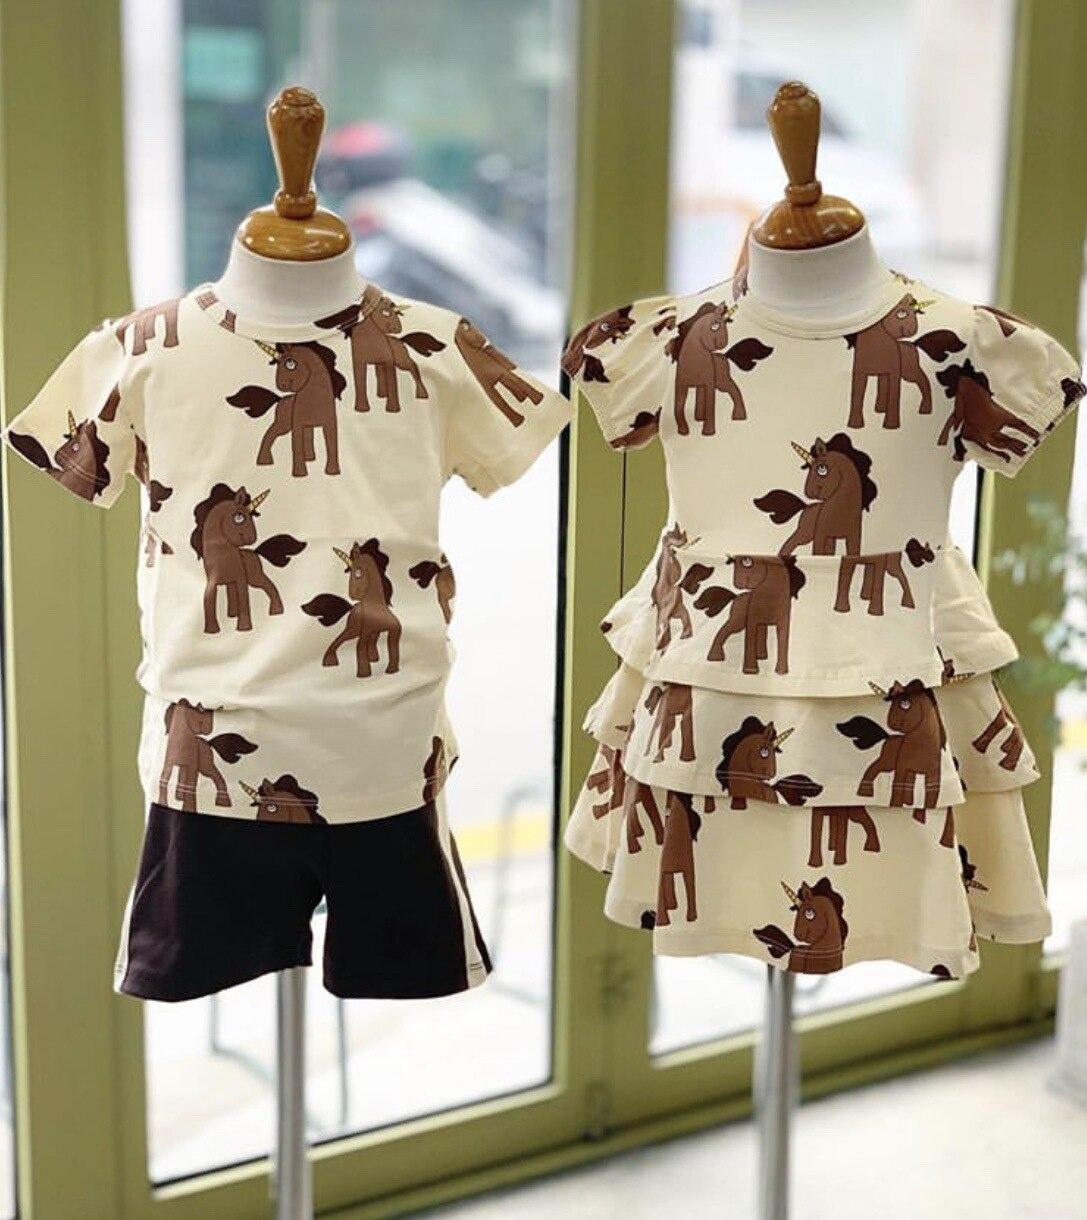 ZMHYAOKE-MR 2020 nuevo verano bebé Niñas Ropa de los niños conjuntos de moda de playa Navidad Boutique niños traje de baño